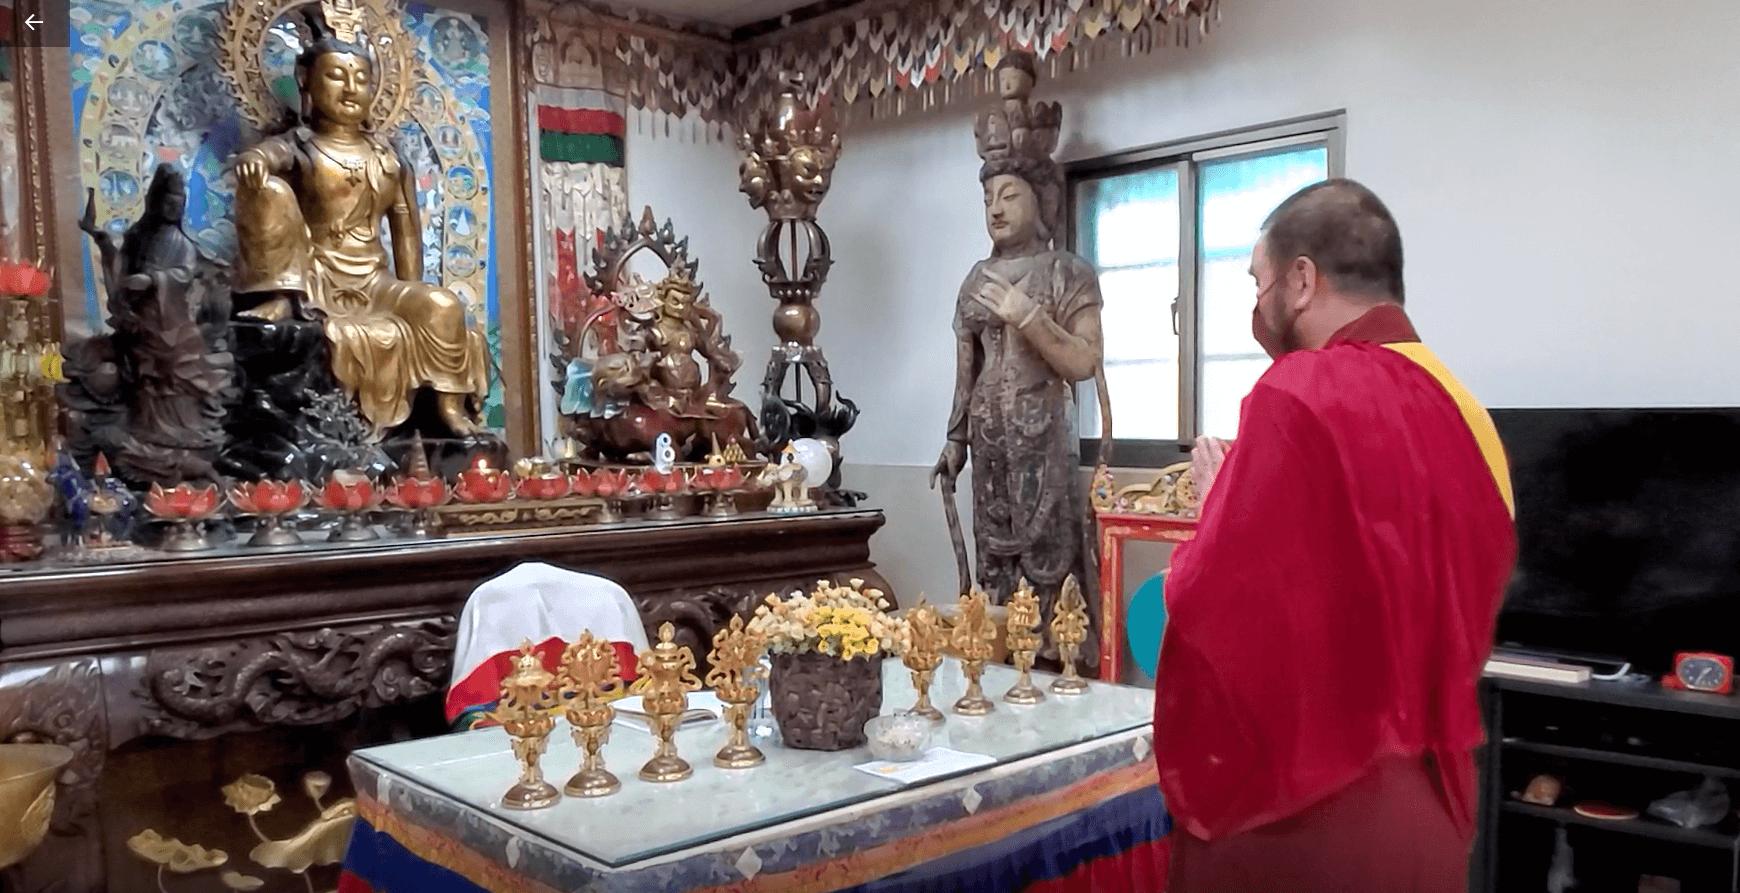 本會指導上師恆性嘉措仁波且率領弟子舉辦恭祝世界佛教教皇佛誕線上法會